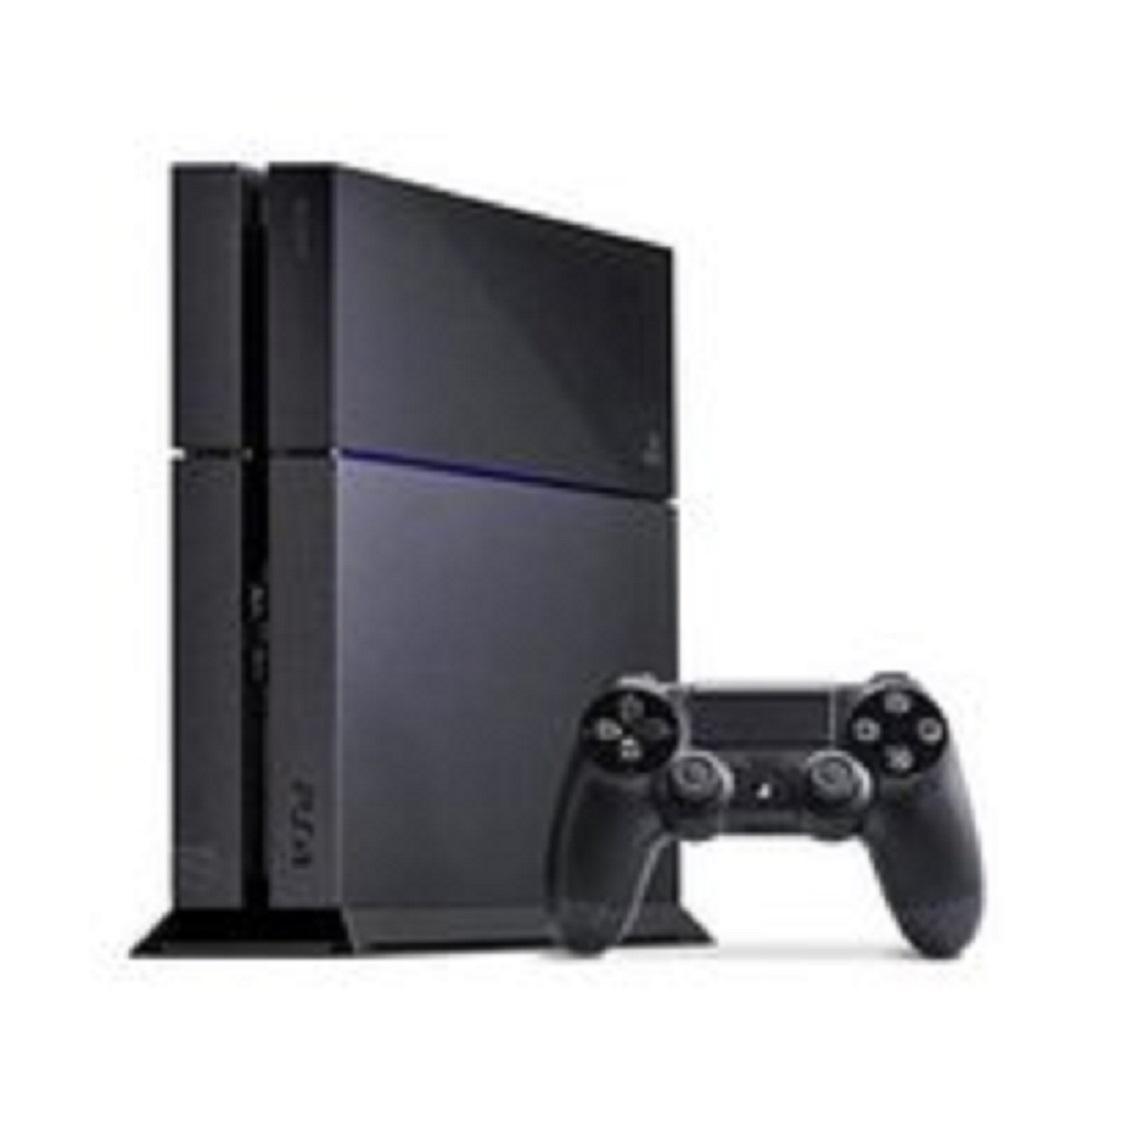 PS4 1205 500G 1인셋 한국정발 블랙 중고 노박스